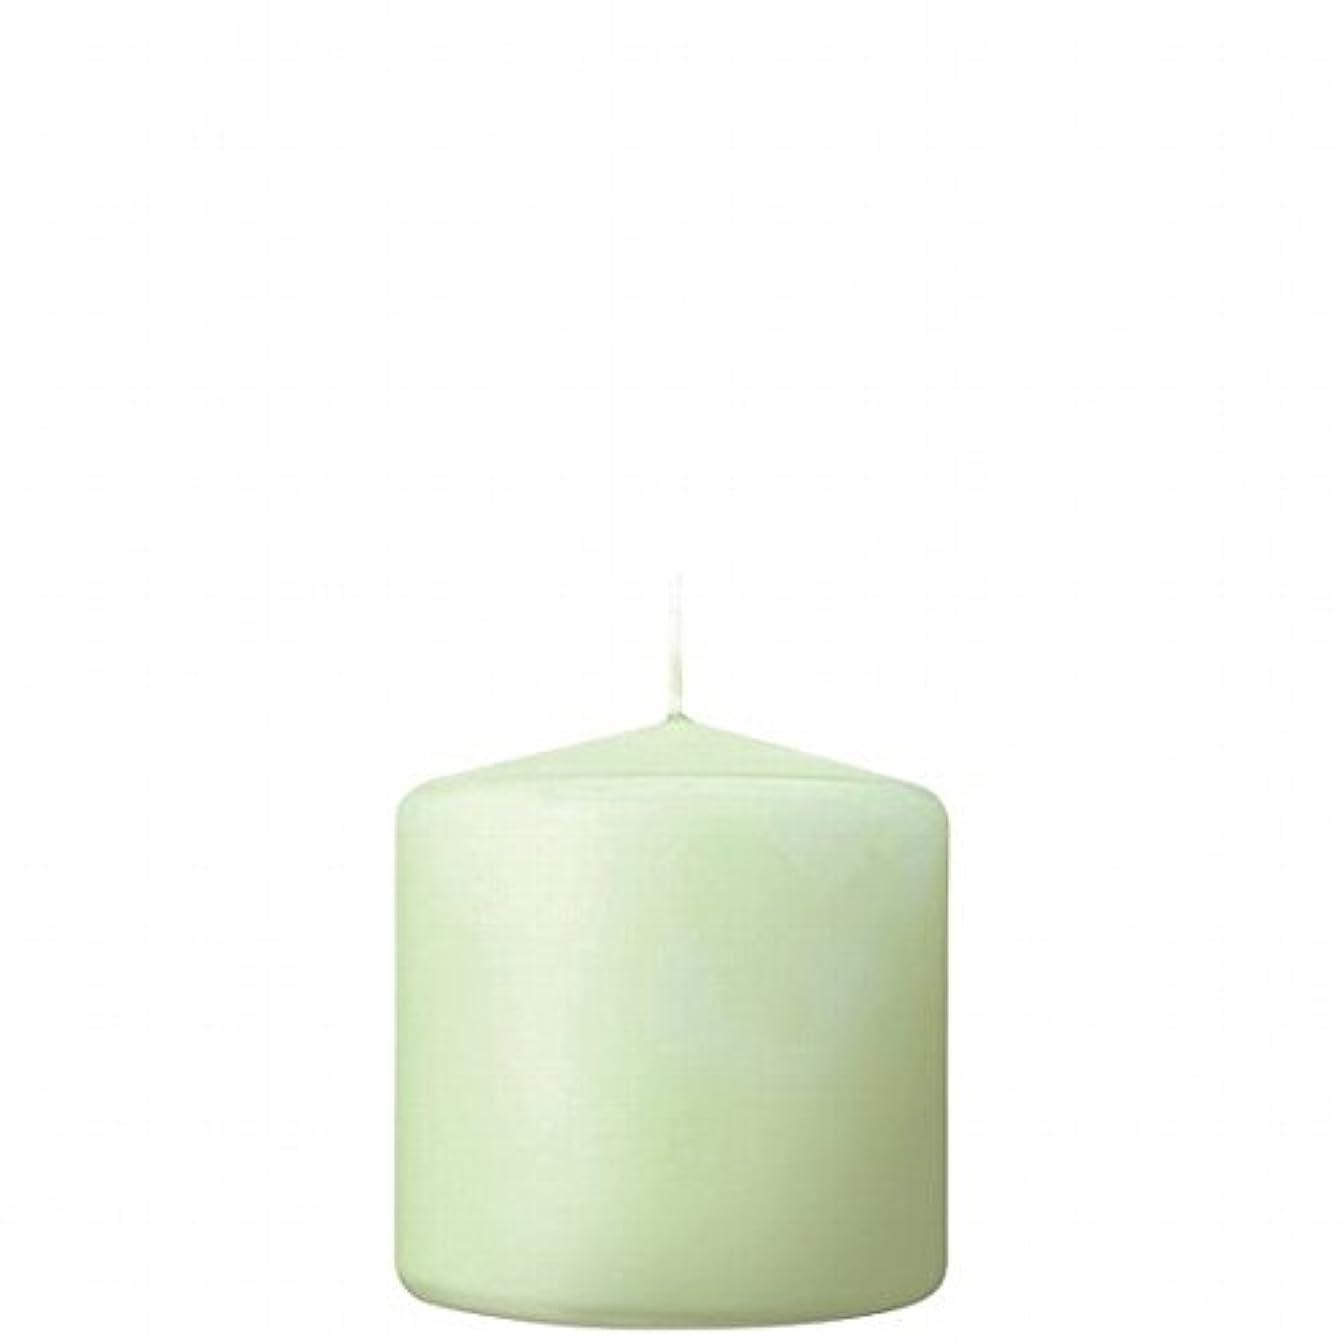 あえて専門用語安心カメヤマキャンドル( kameyama candle ) 3×3ベルトップピラーキャンドル 「 ホワイトグリーン 」